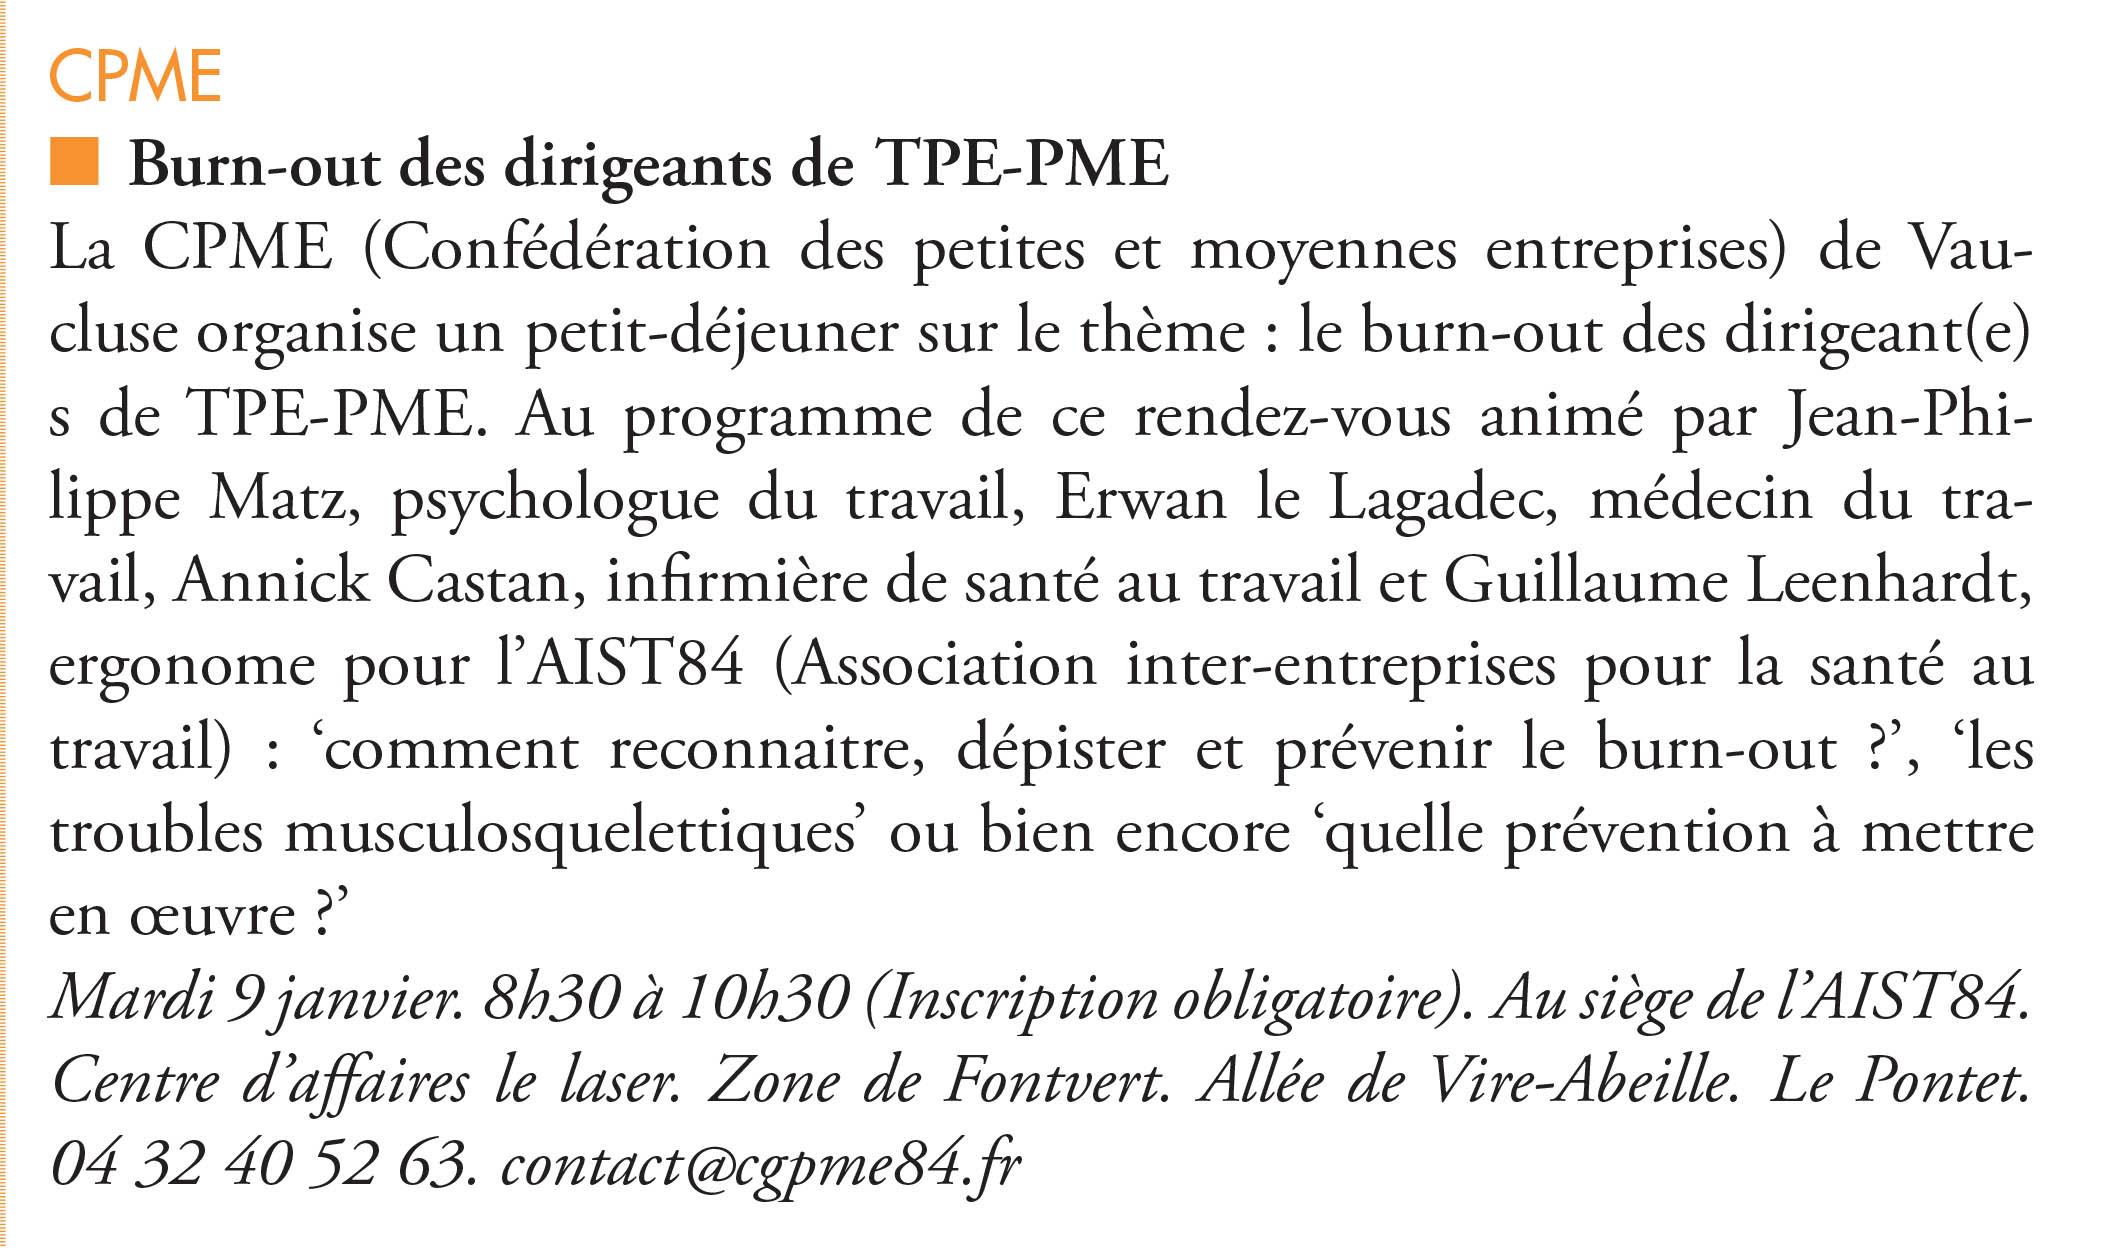 Burn-out des dirigeants de TPE-PME – L'écho du mardi 09.01.18